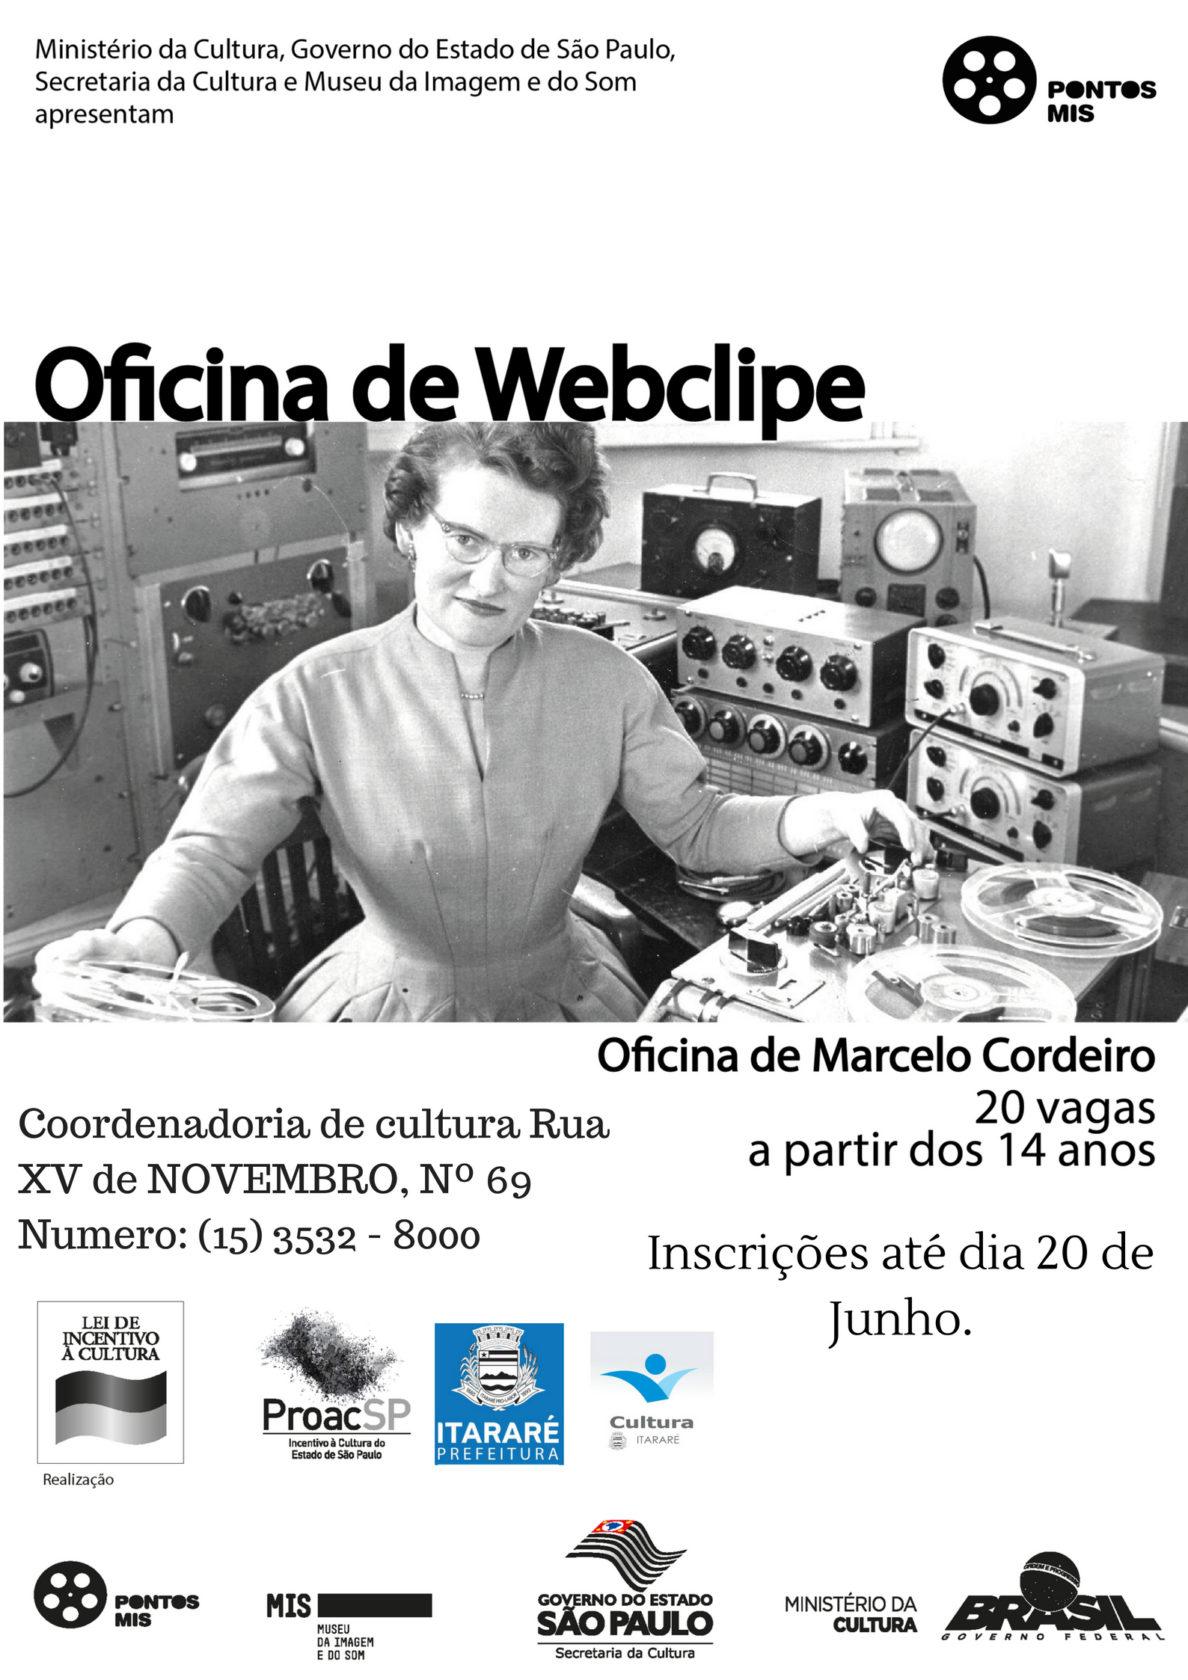 Inscrições para Oficina de Webclipe terminam nesta quarta-feira (20) em Itararé (SP)